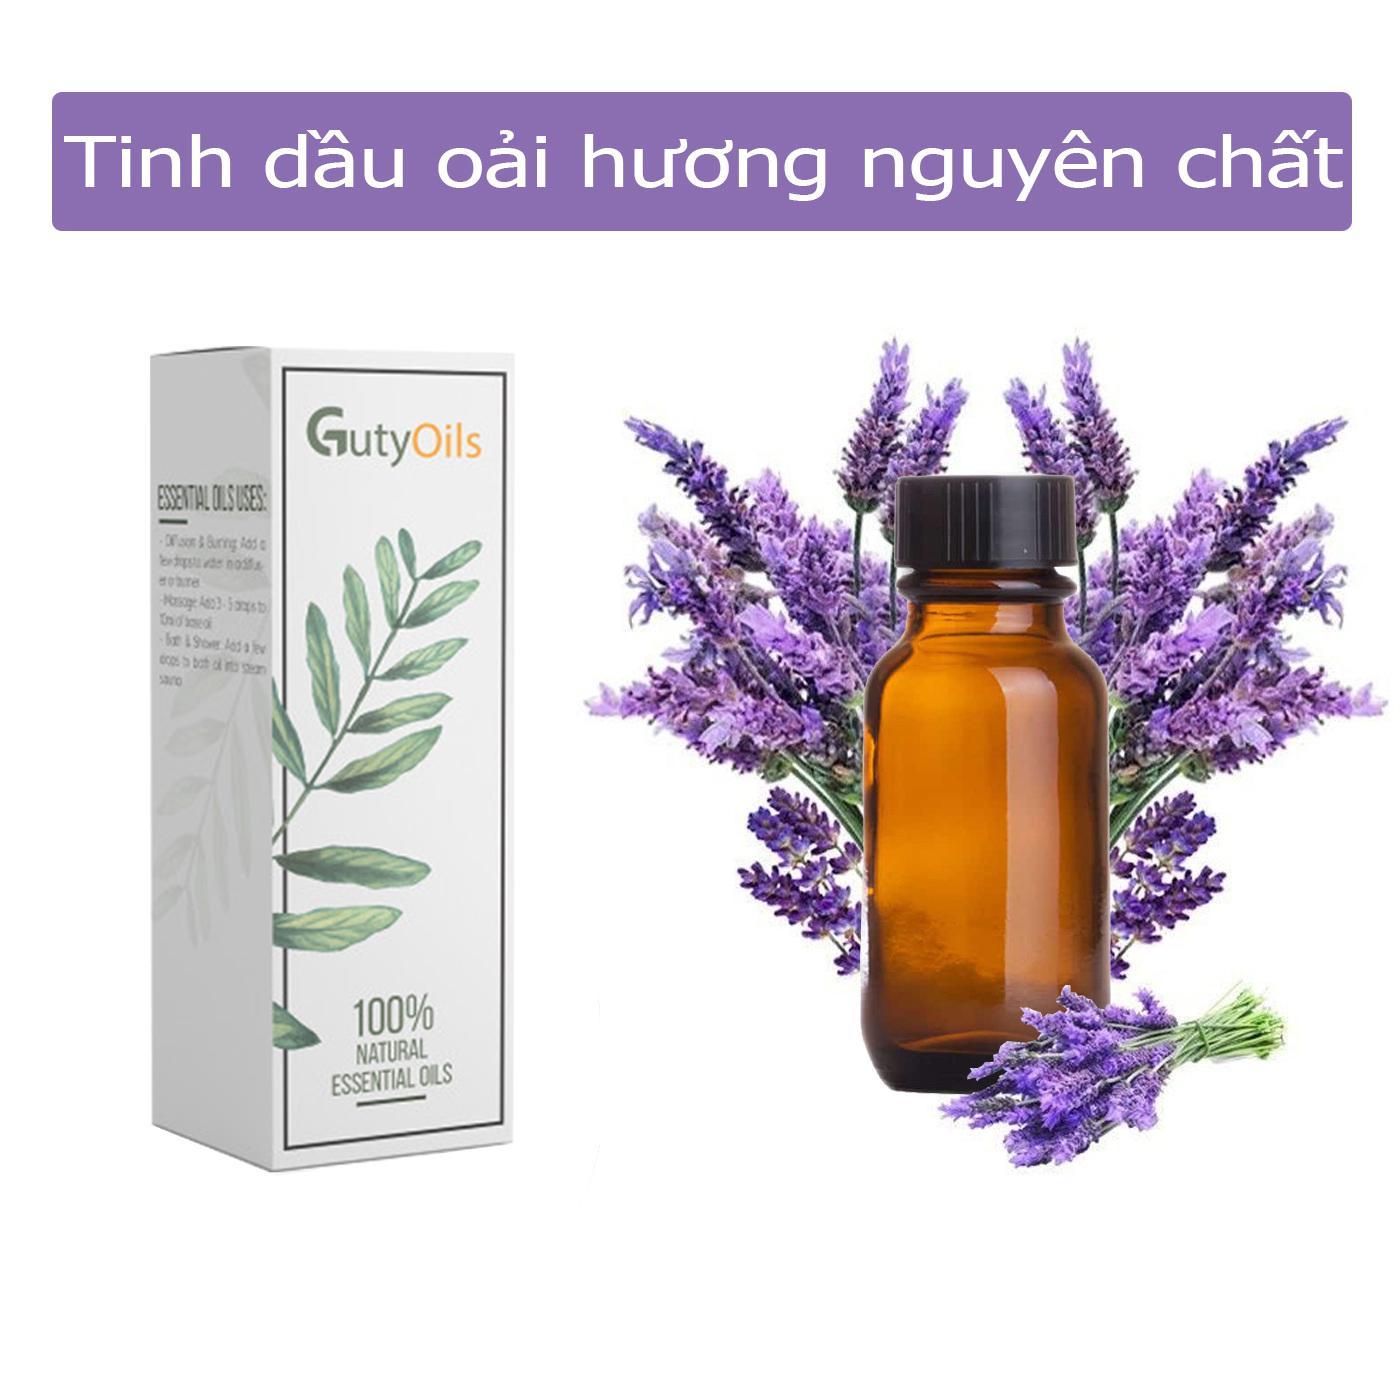 Tinh dầu oải hương nguyên chất ( Lavender Essential Oil ) GUTY, tinh dầu thiên nhiên, giúp bạn giảm căng thẳng, an thần, hương thơm dịu nhẹ